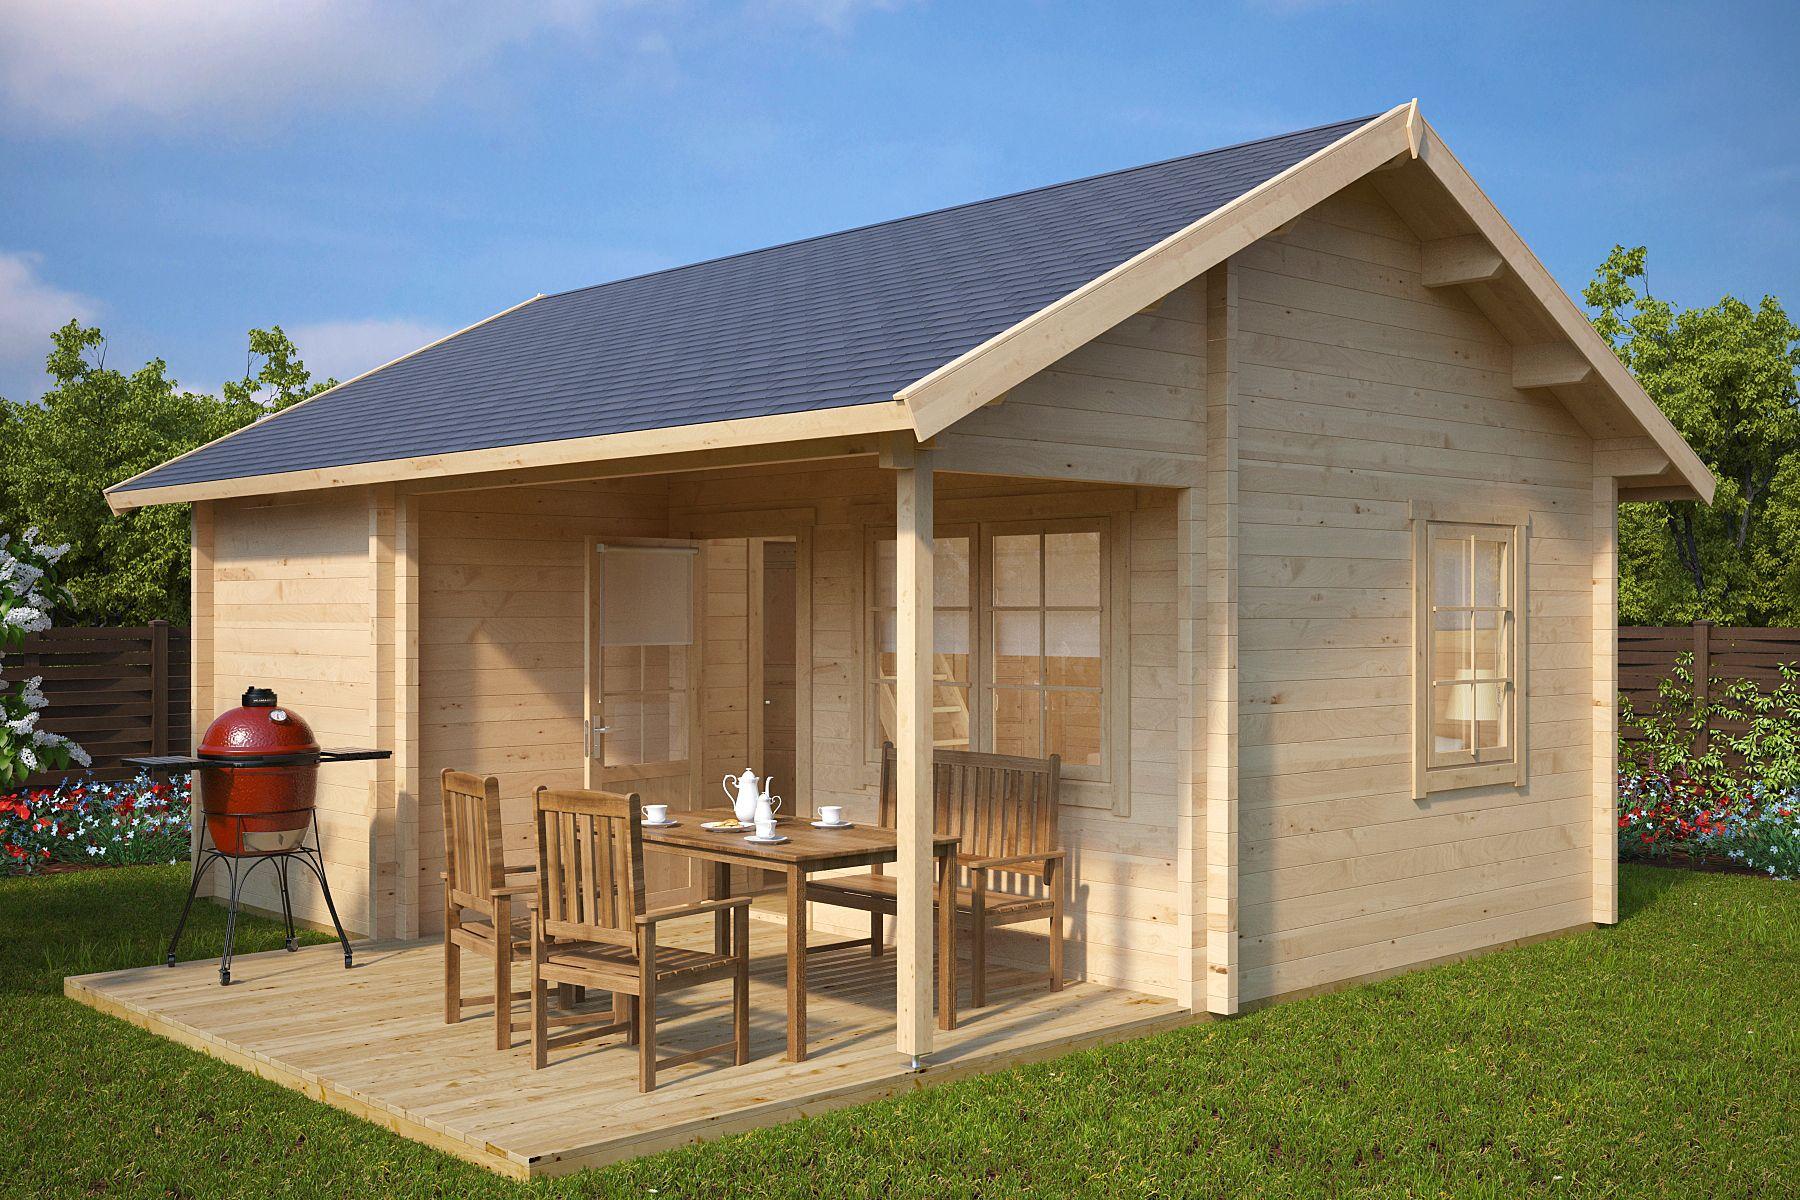 Großes Gartenhaus mit Terrasse Oklahoma 26,4m² / 70mm